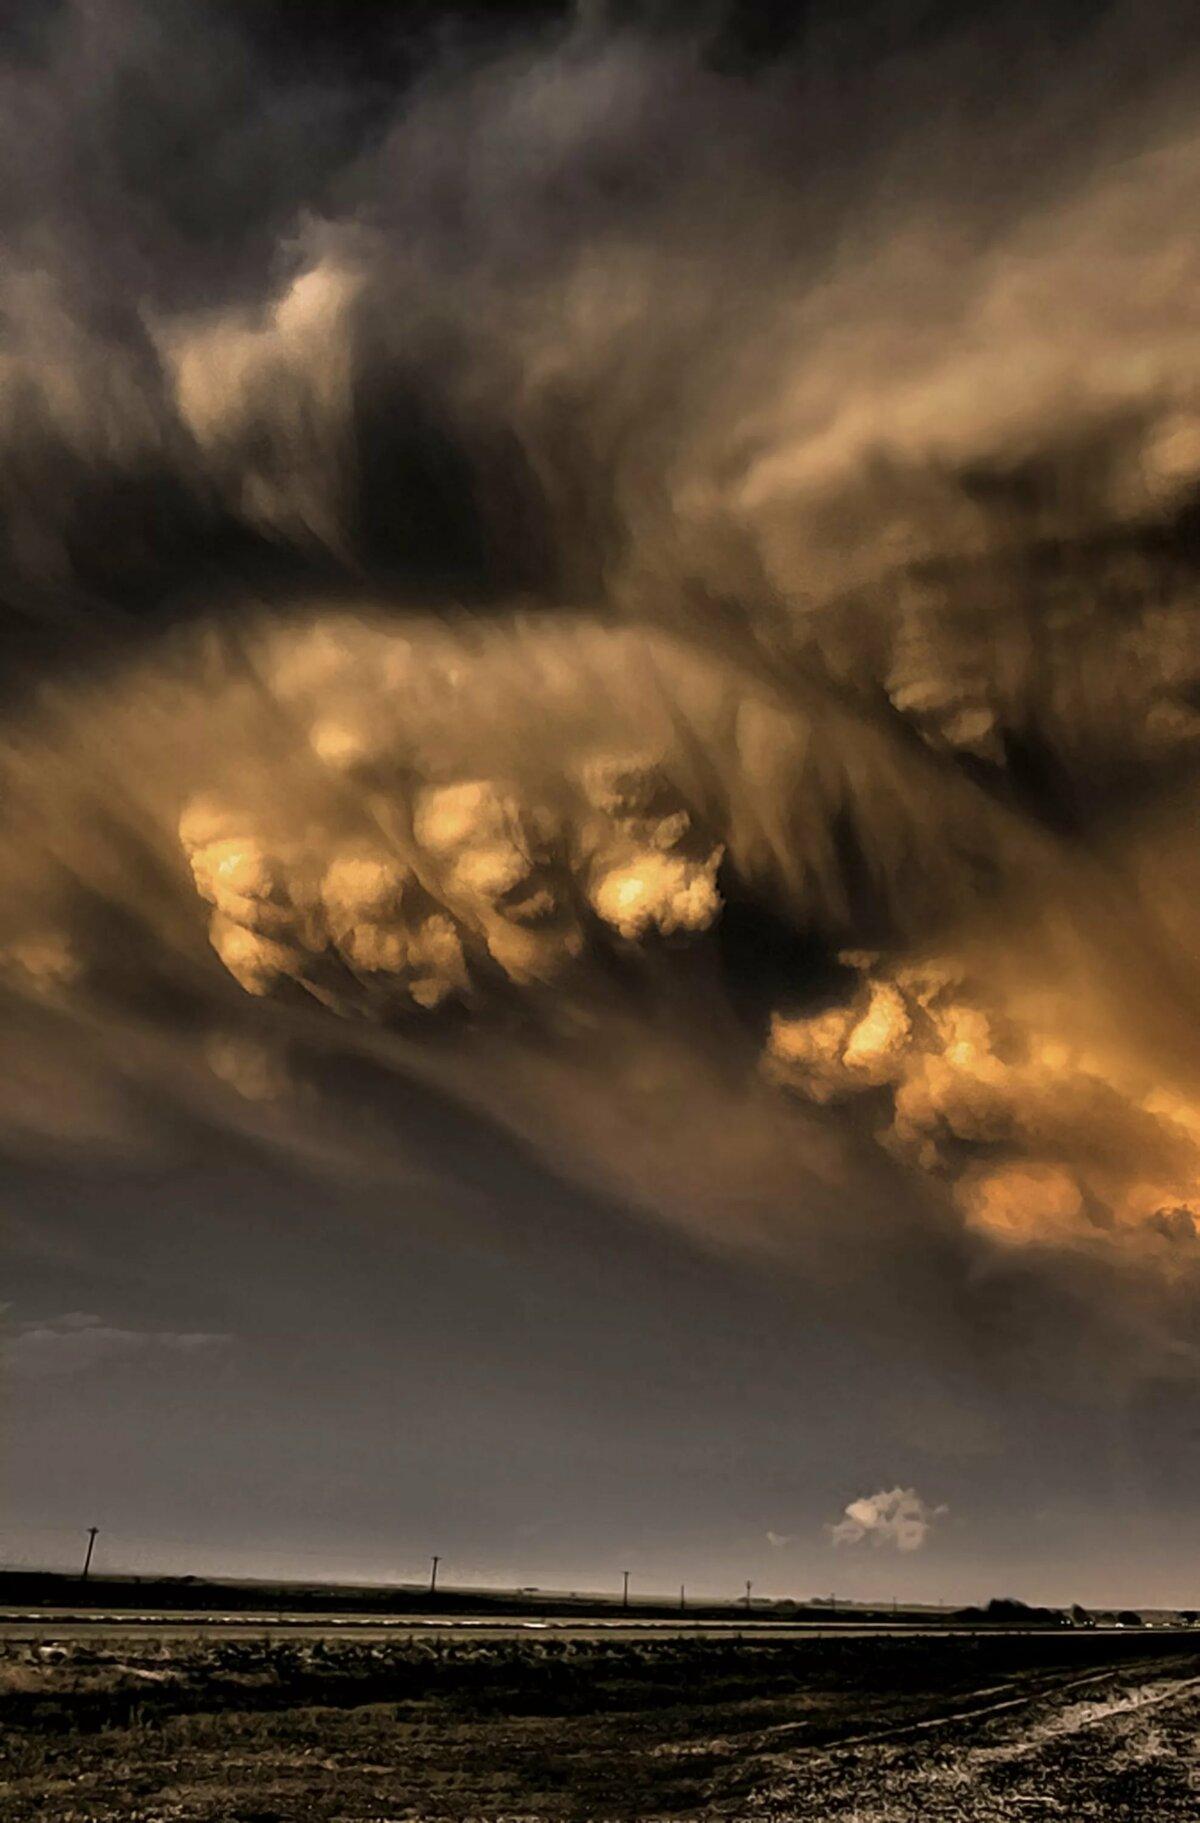 фото самая коричневая туча в мире ладоней штука распространённая